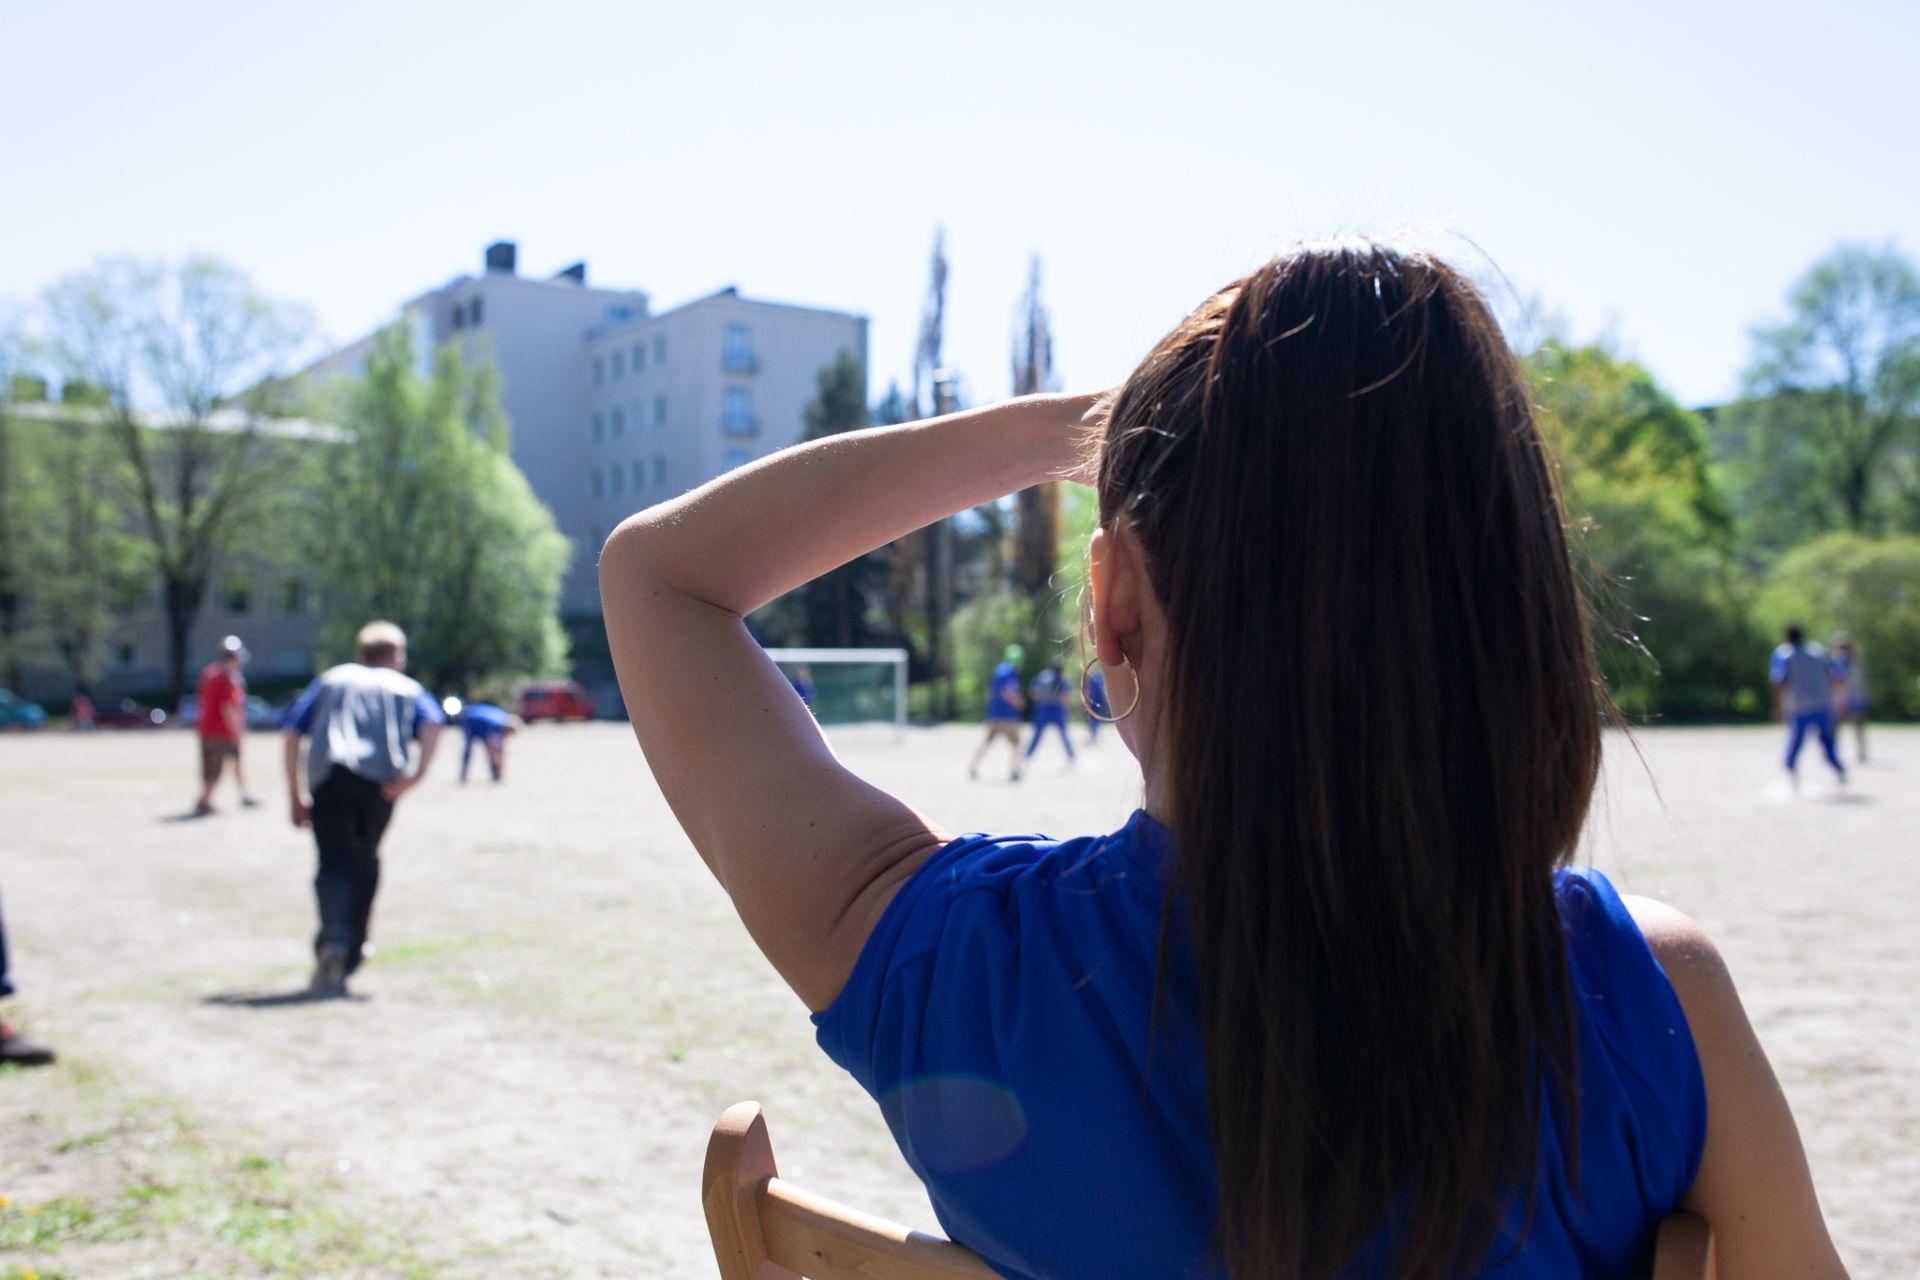 Nainen varjostaa kasvojaan kädellään seuratessaan jalkapallo-ottelua.